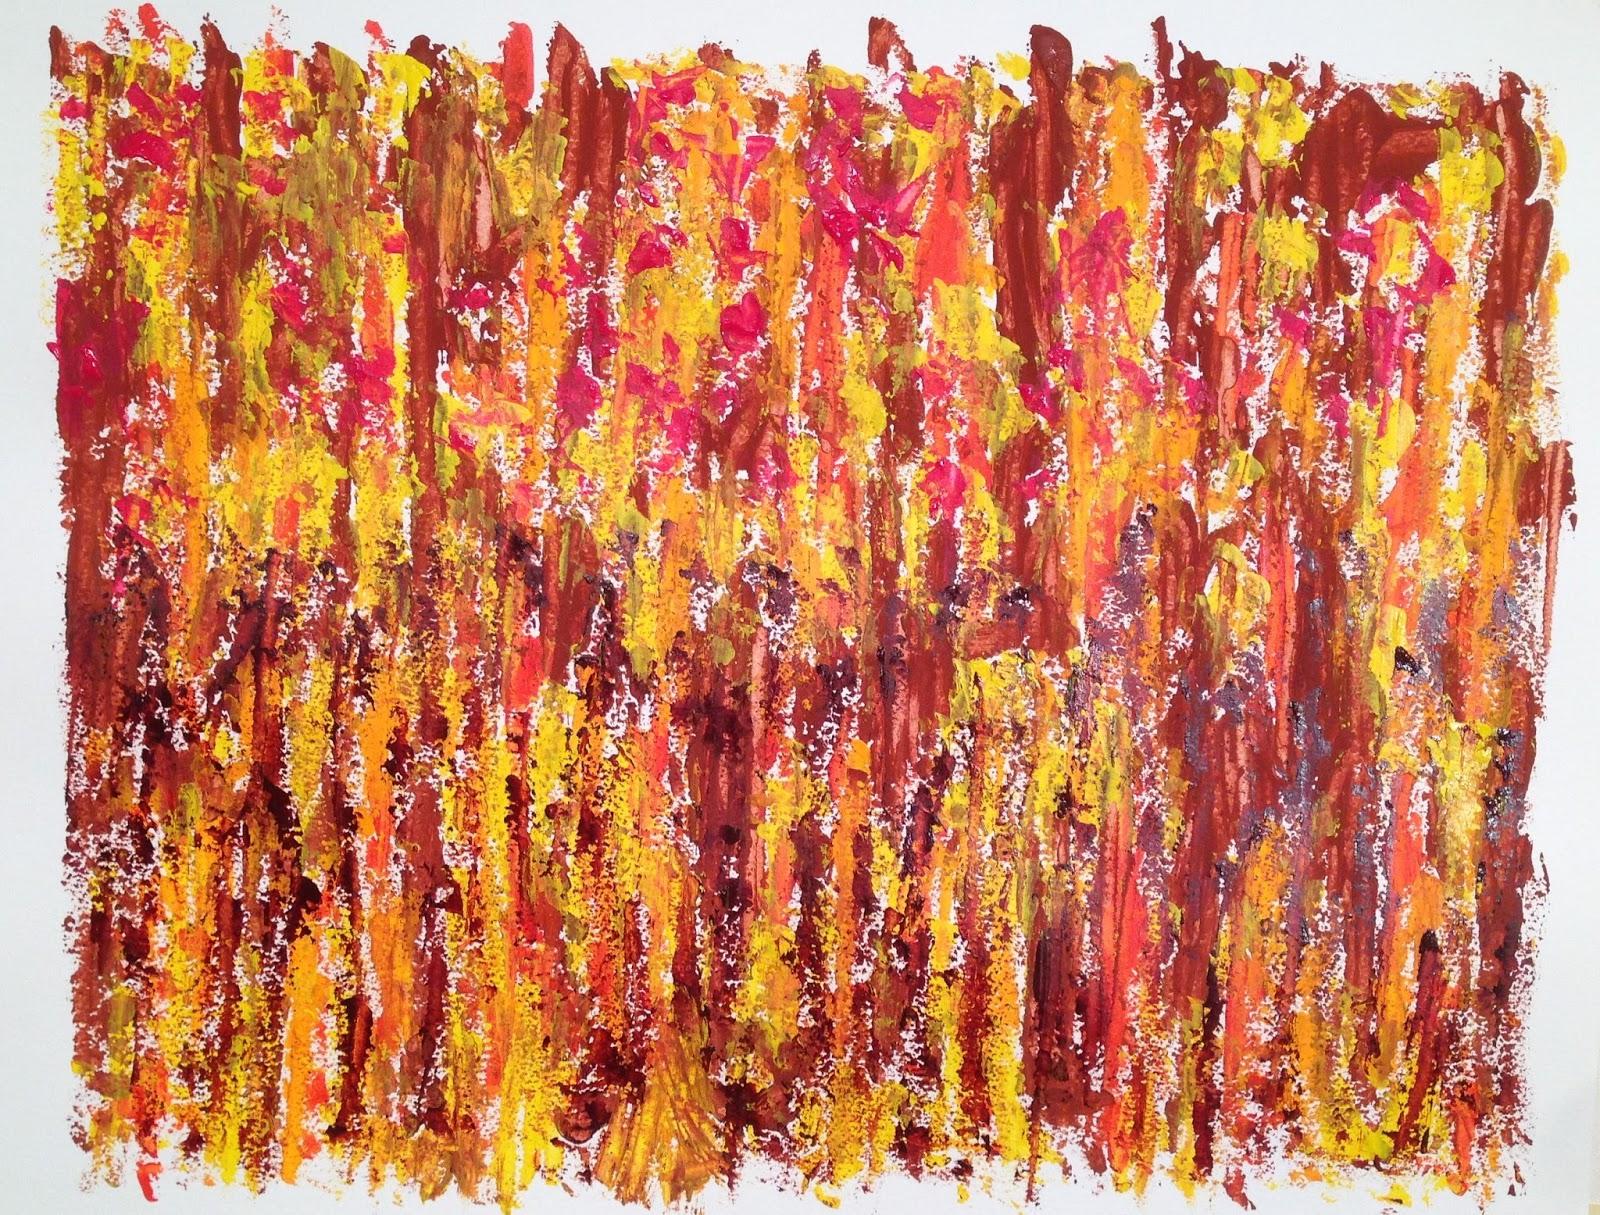 N° 3328 - Champ - Acrylique et pigments sur papier - 50 x 65 cm - 15 juin 2016